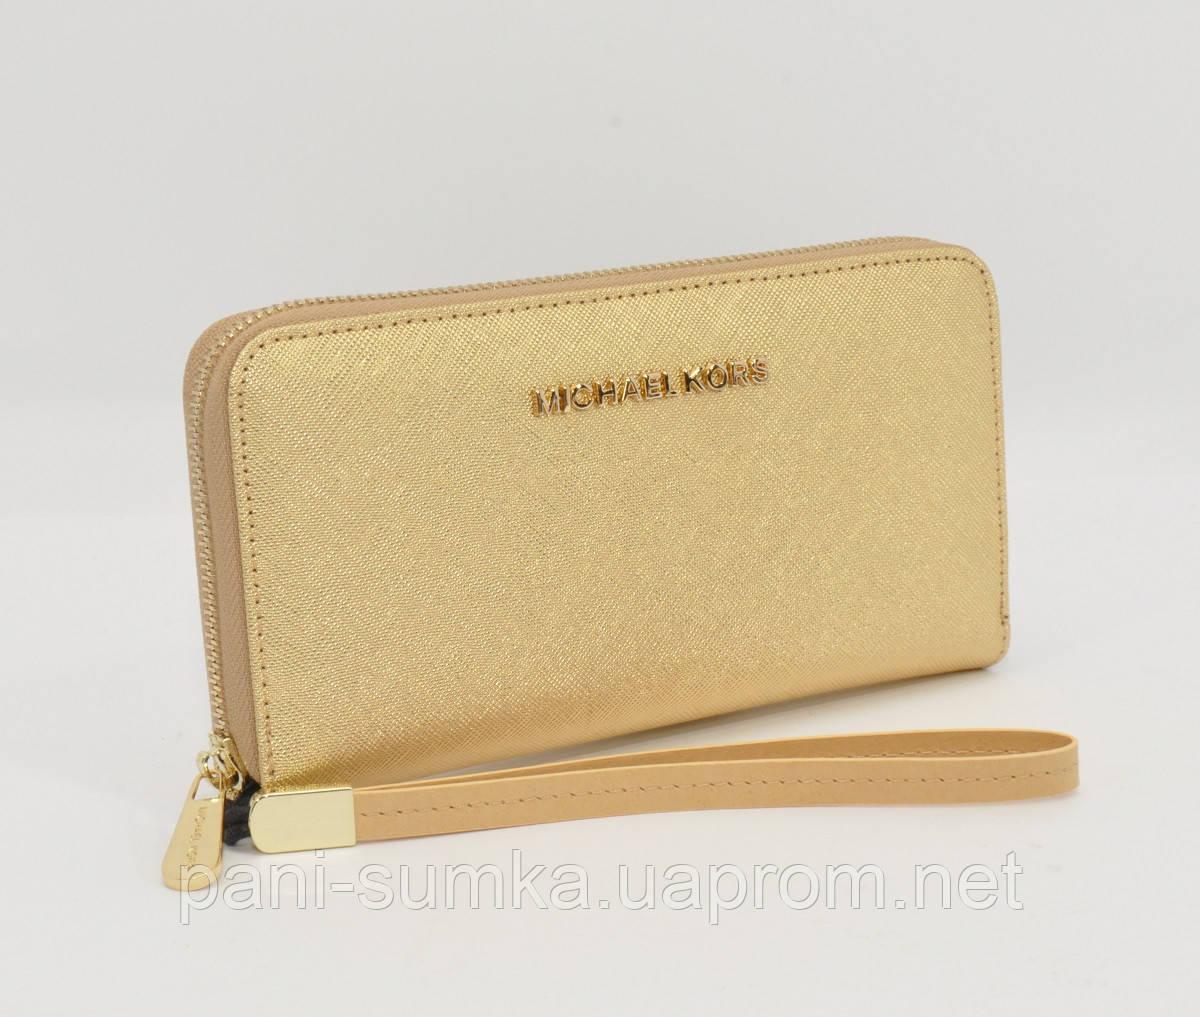 Кошелек женский кожаный на молнии Michael Kors 60019-D золотистый,  расцветки - Интернет магазин 6ccf848e060